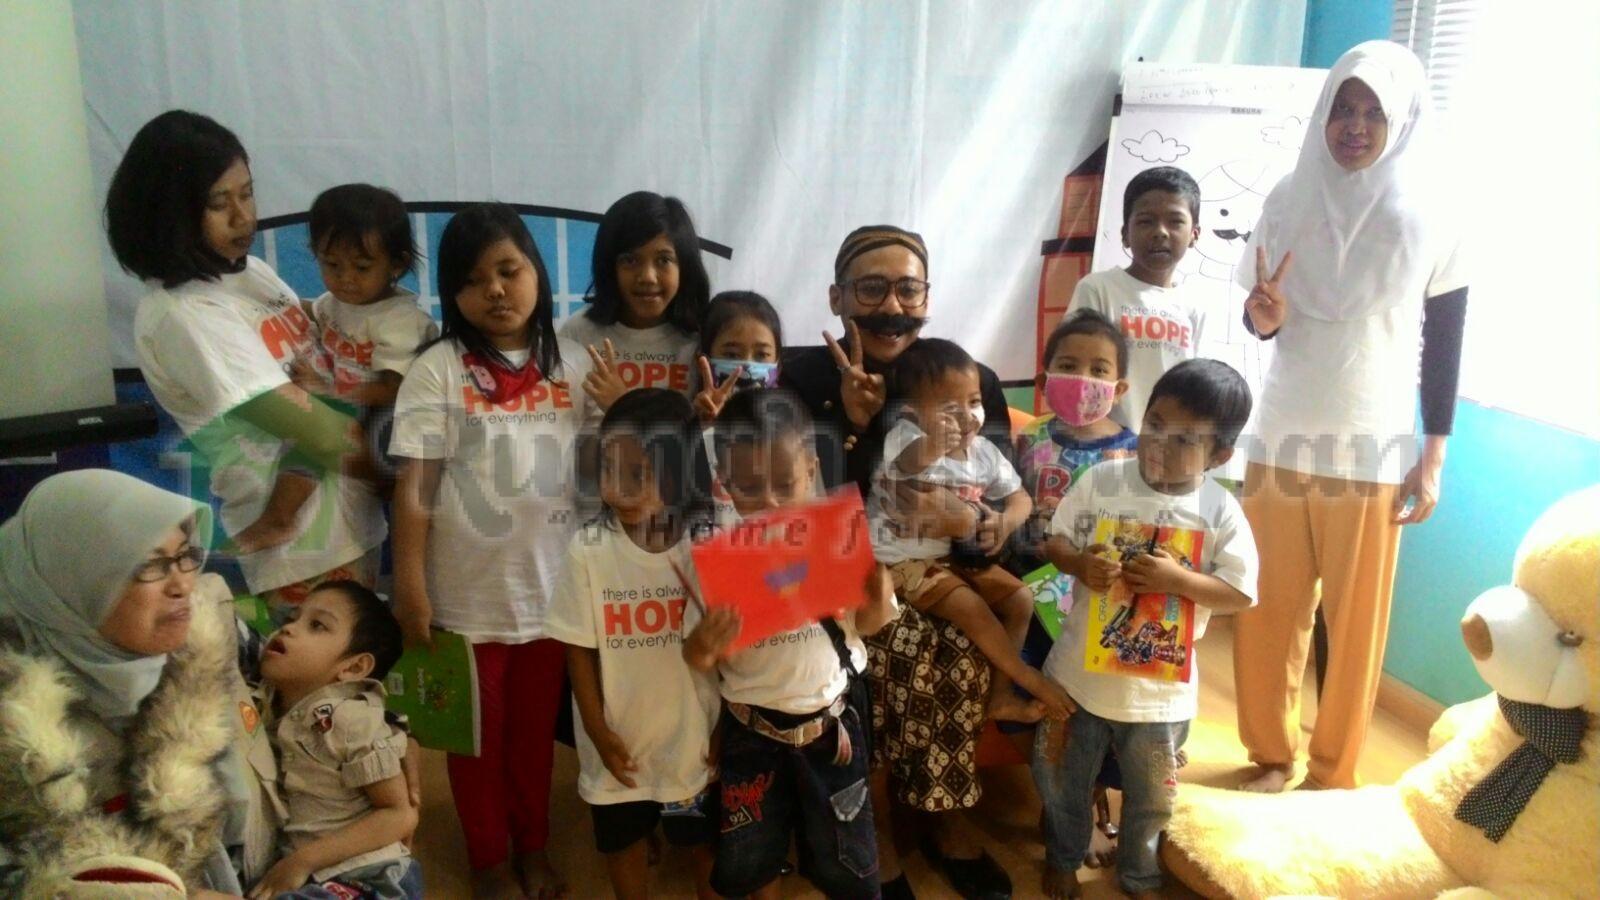 COTM & Hari Pahlawan Bersama ICare Community